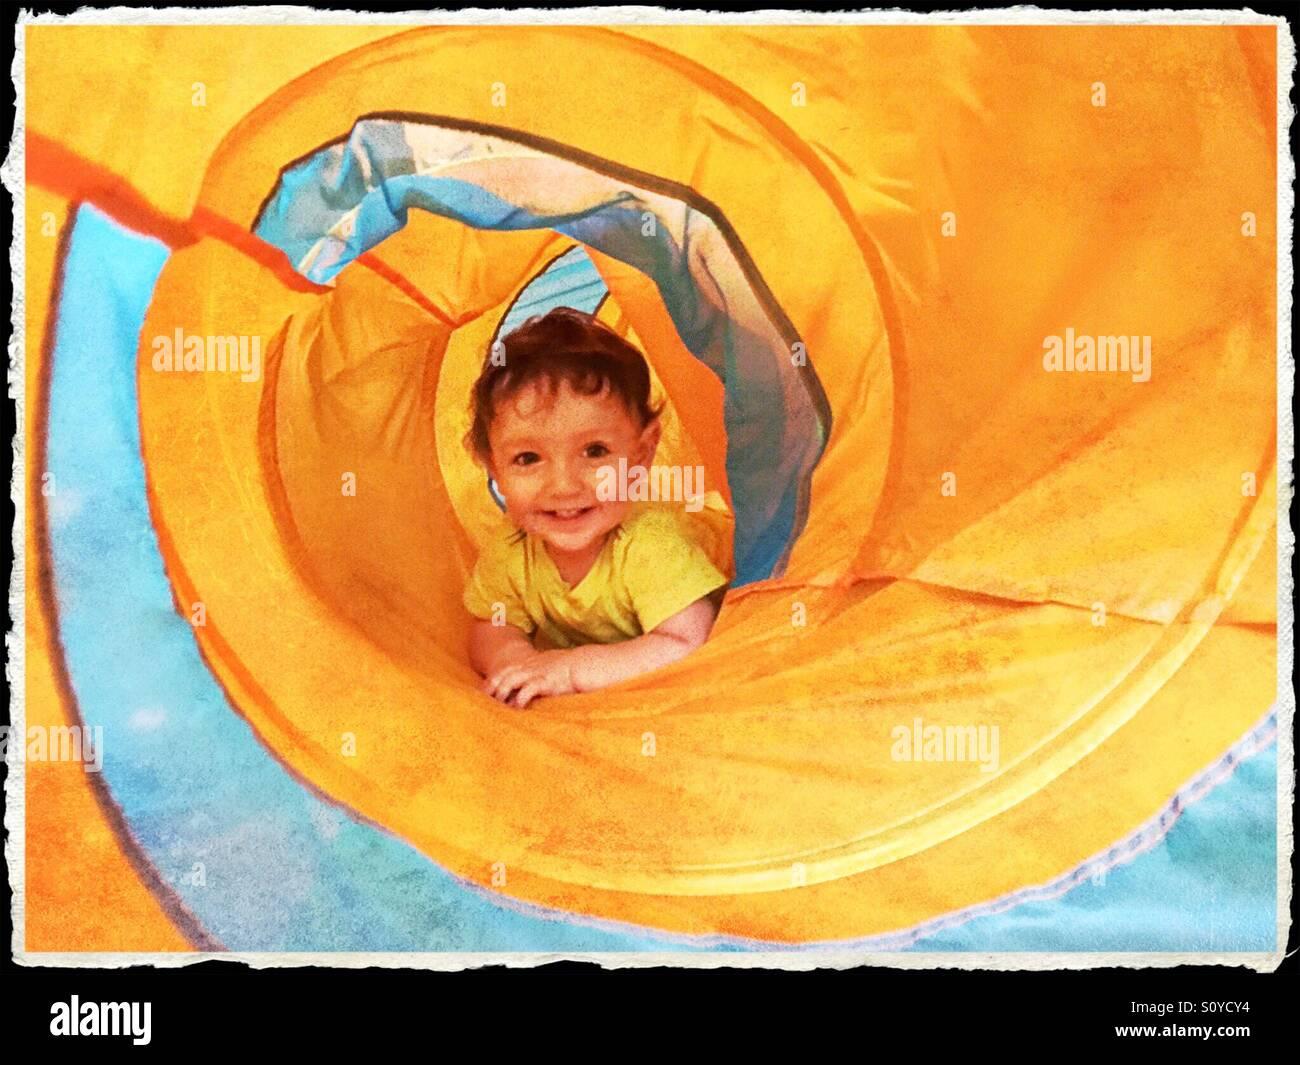 Heureux mignon enfant jouant Photo Stock